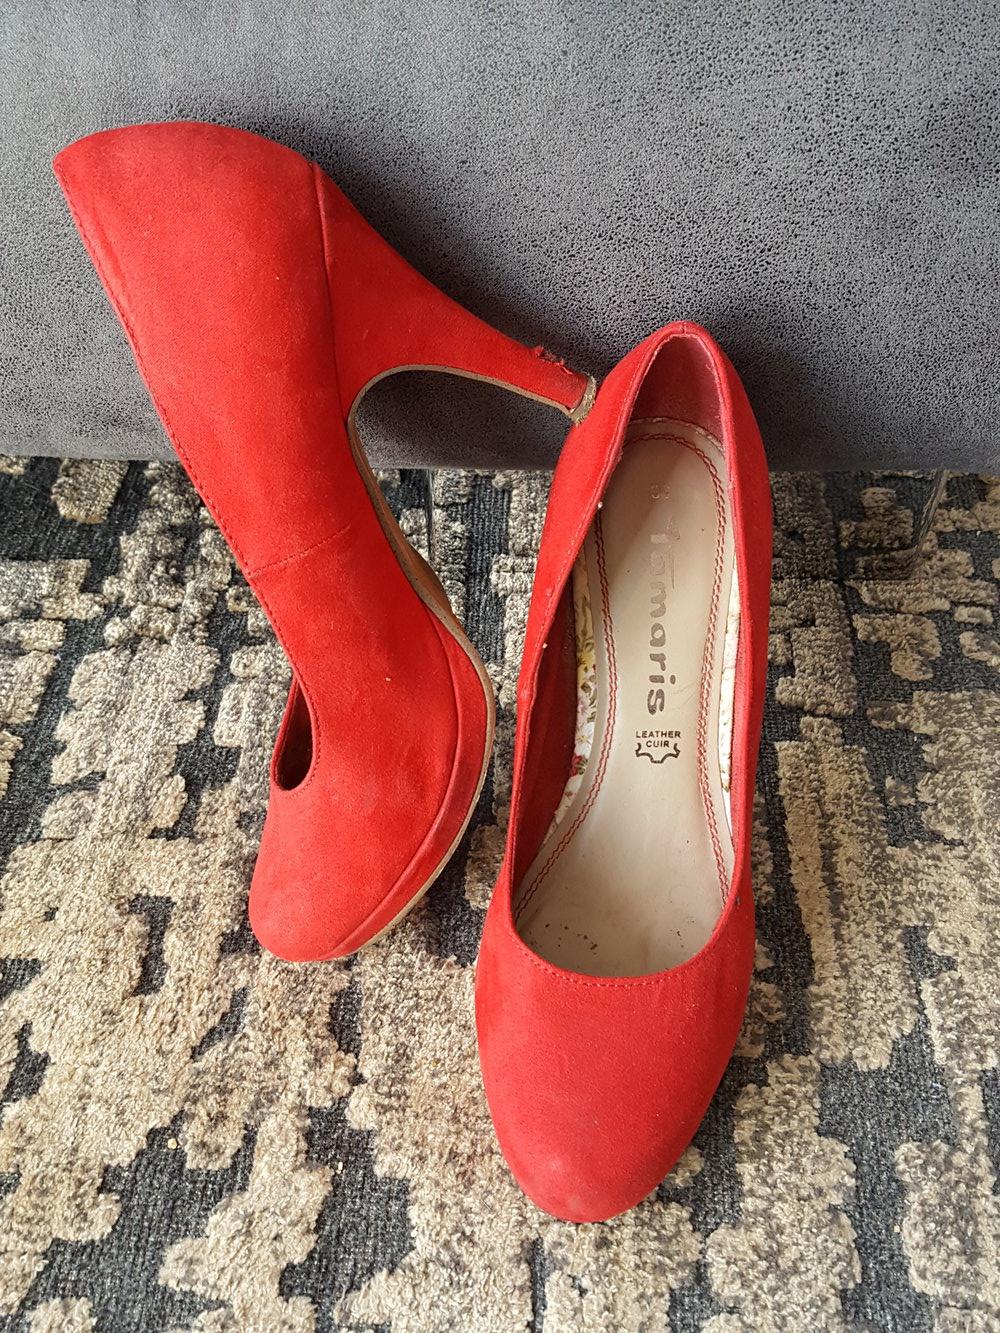 Mode Preis vergleichen heiße Angebote Tamaris, Pumps, Highheels, Plateau, rote Schuhe